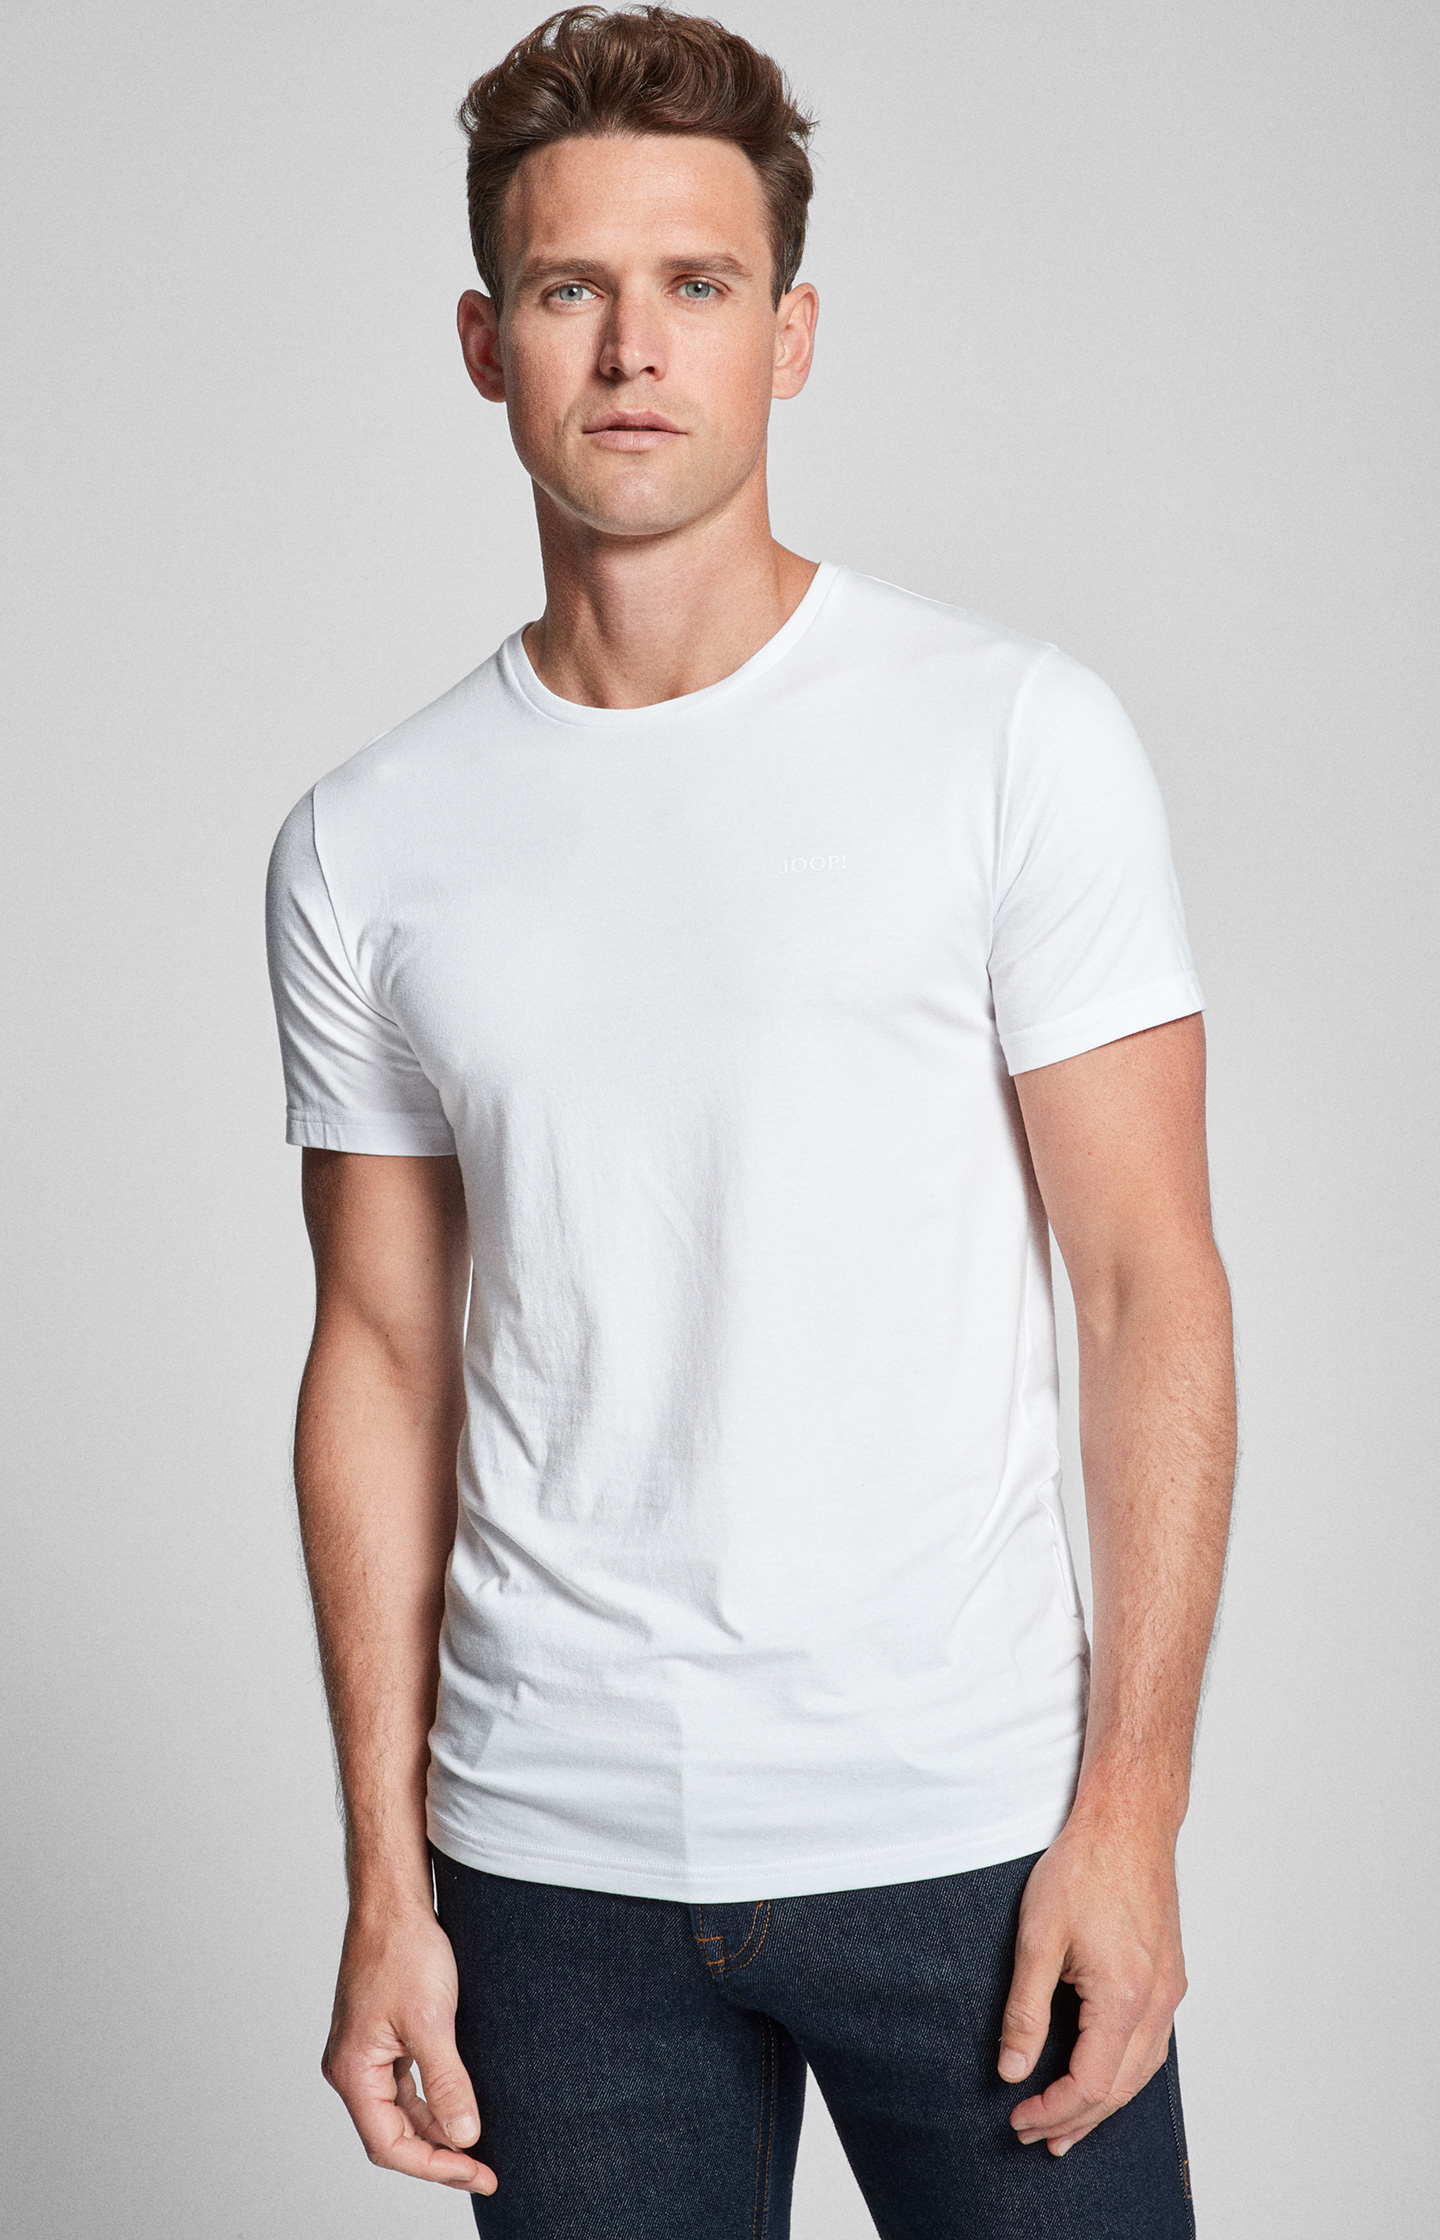 Artikel klicken und genauer betrachten! - Der softe Modal-Baumwoll-Blend mit leichtem Stretch-Anteil schmiegt sich angenehm an die Haut und macht die weißen T-Shirts im Doppelpack zum perfekten Basic unter Pullover, Hemd oder Sakko. Im Slim Fit geschnitten sorgen die Shirts mit klassischem Rundhalsausschnitt für eine sportive Silhouette. Einen hochwertigen Akzent setzt der tonige JOOP!-Print auf Brusthöhe.   im Online Shop kaufen